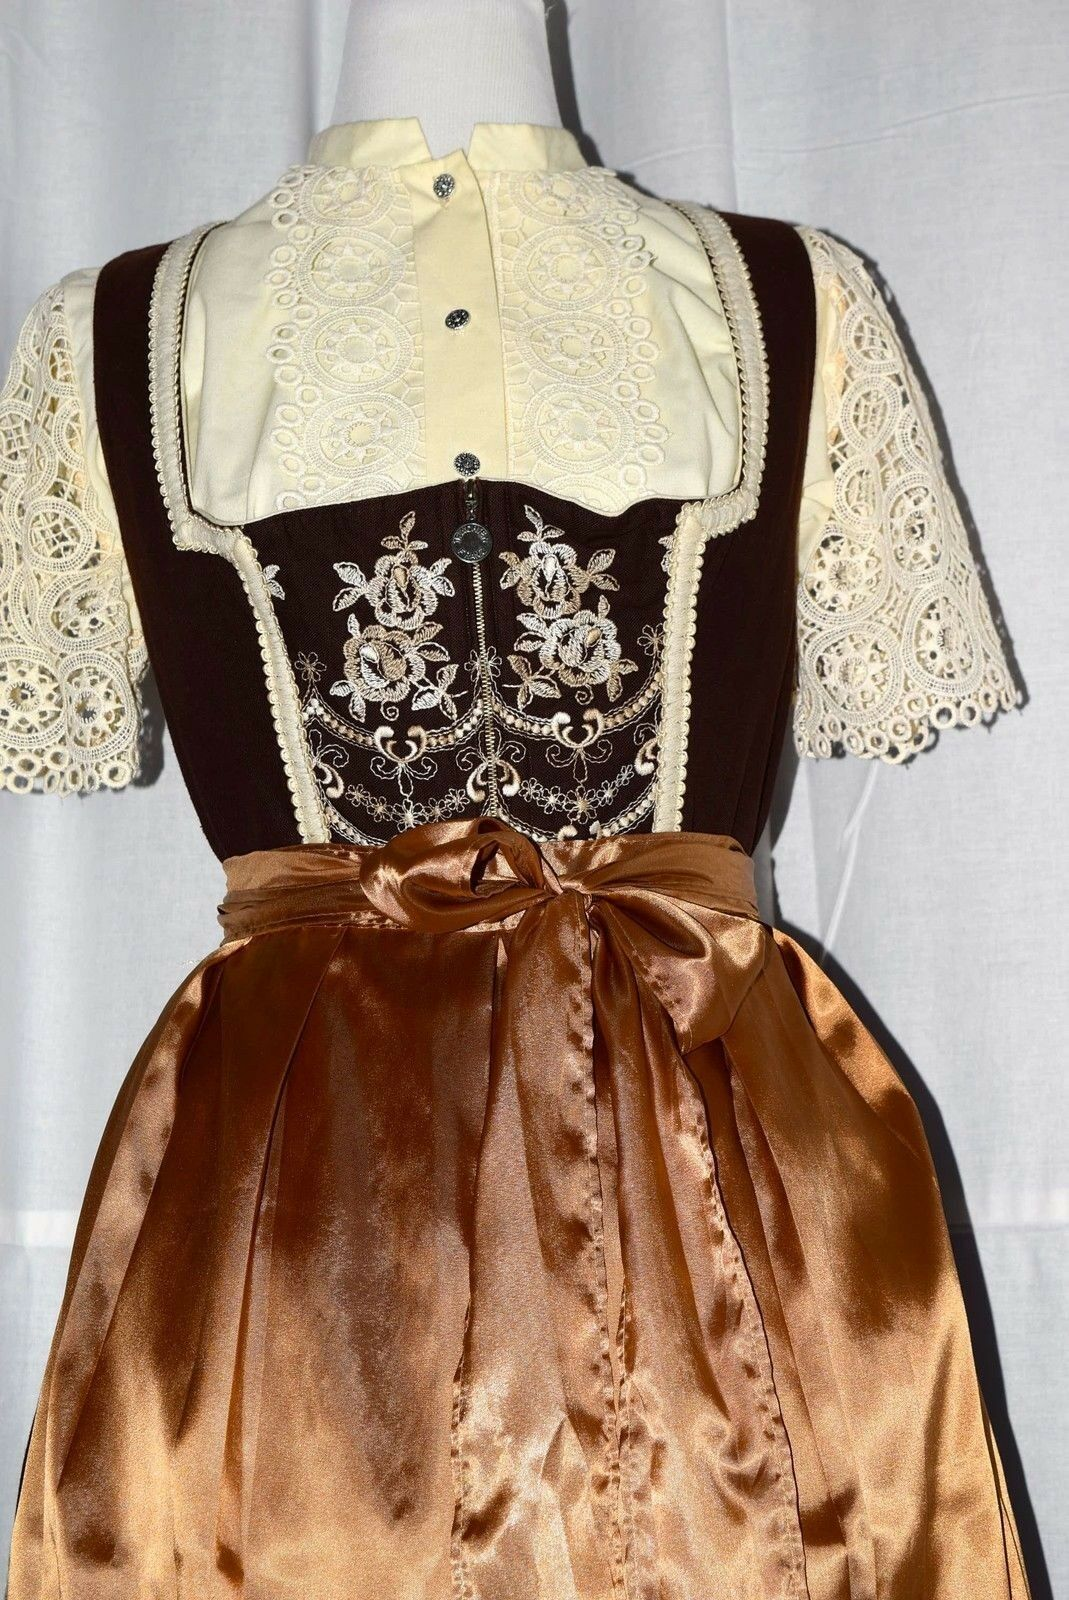 Vintage Dirndl Balkonett GR 46 + Blause m. Plauener Spitze Spitze Spitze + Schürze verm. Rosa   Creative    Feinbearbeitung    Hochwertige Produkte  f037cc